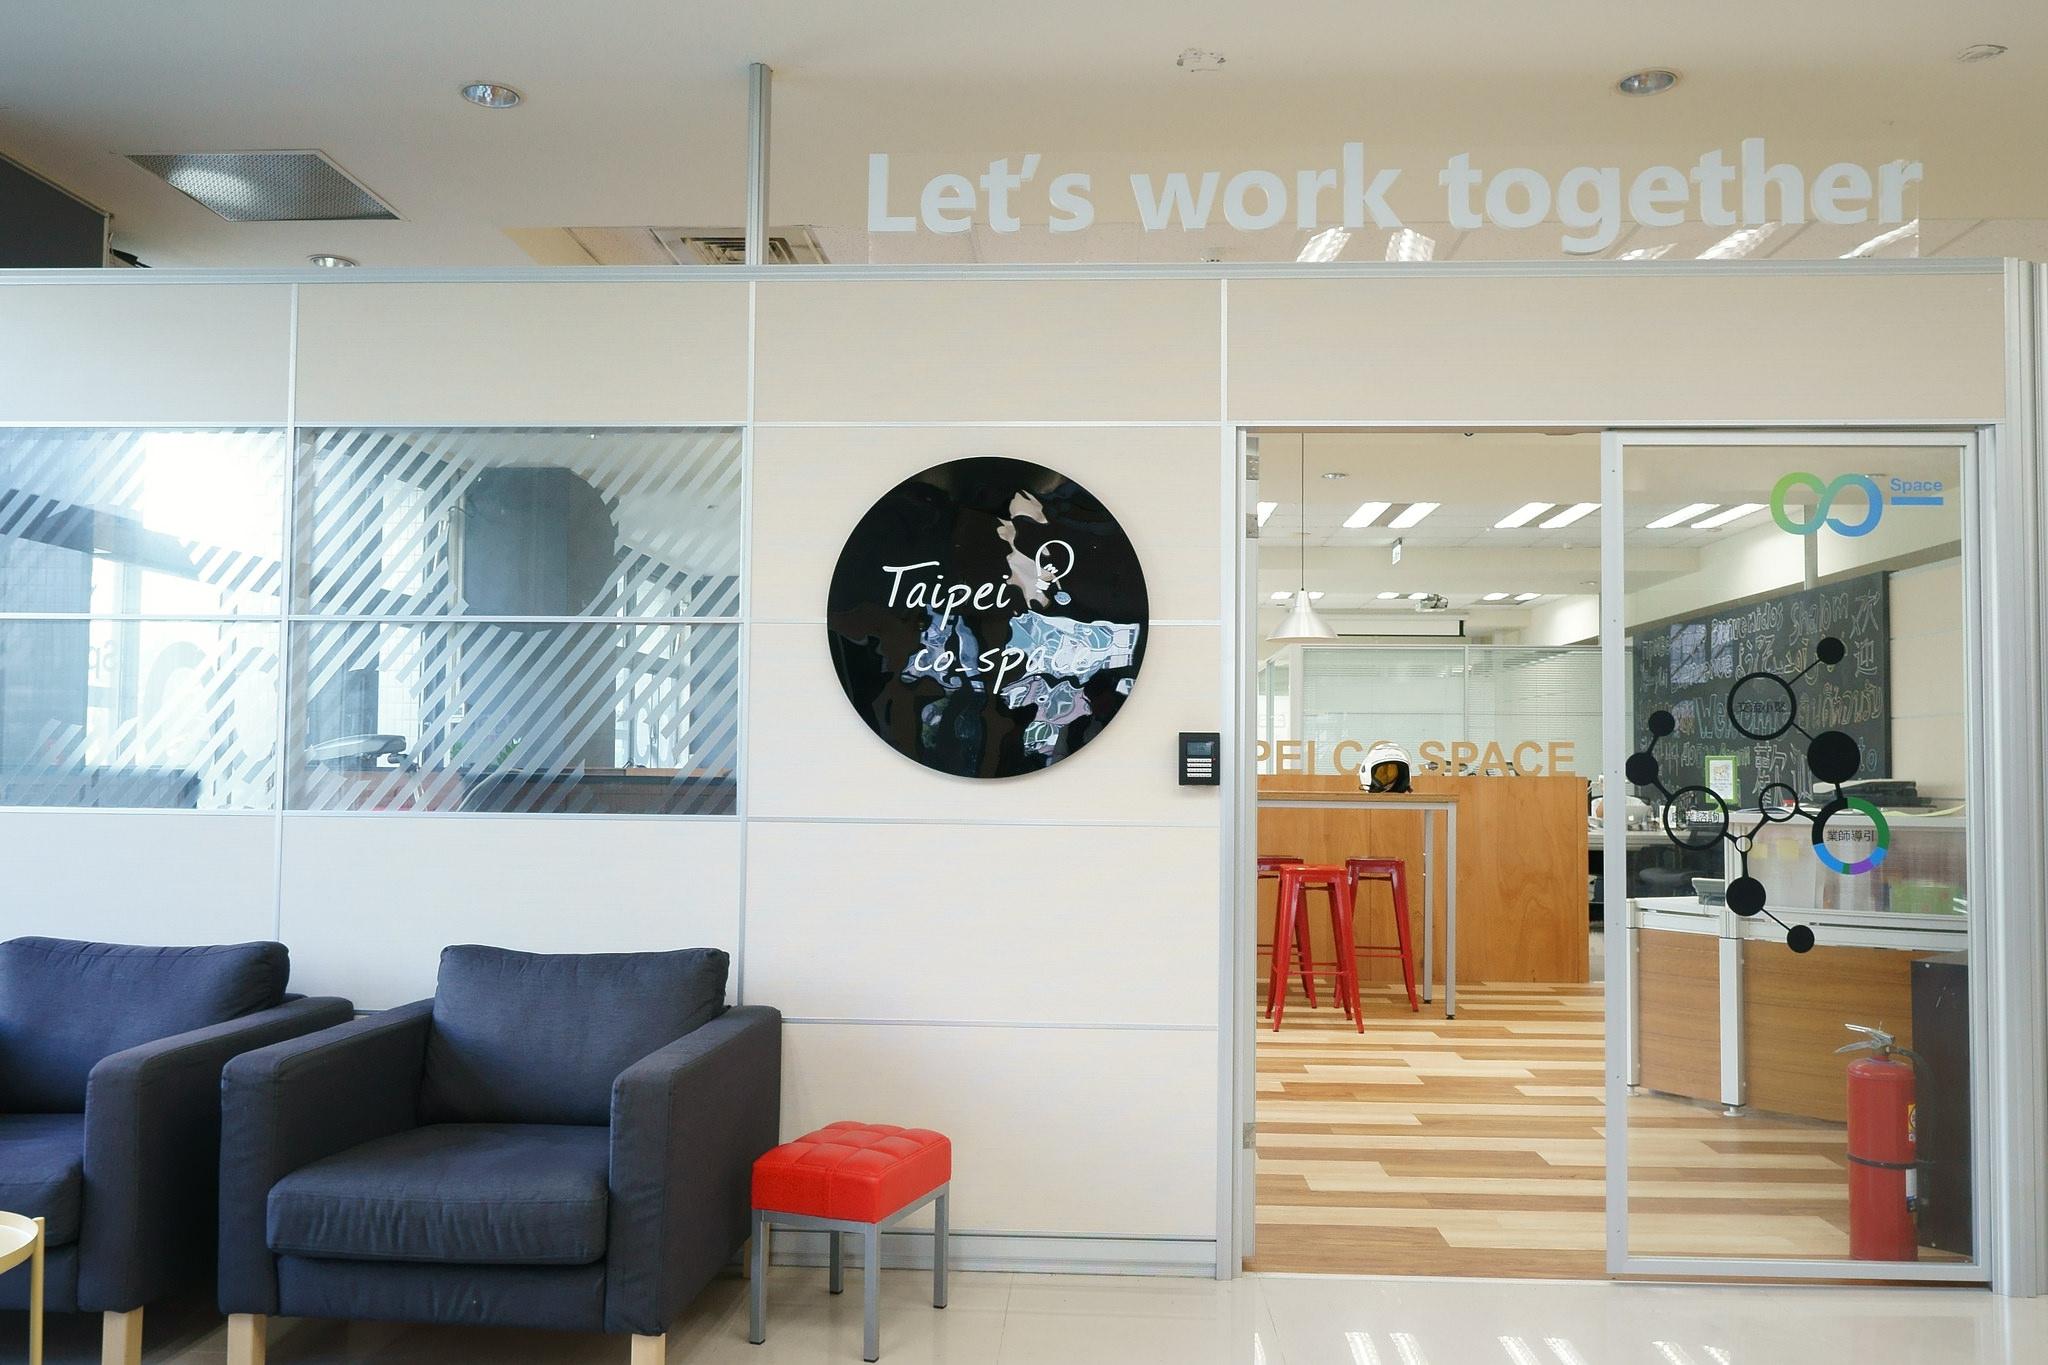 【臺北創新實驗室】台北 – 學習活動場地。讓創業變簡單的「共享辦公室」